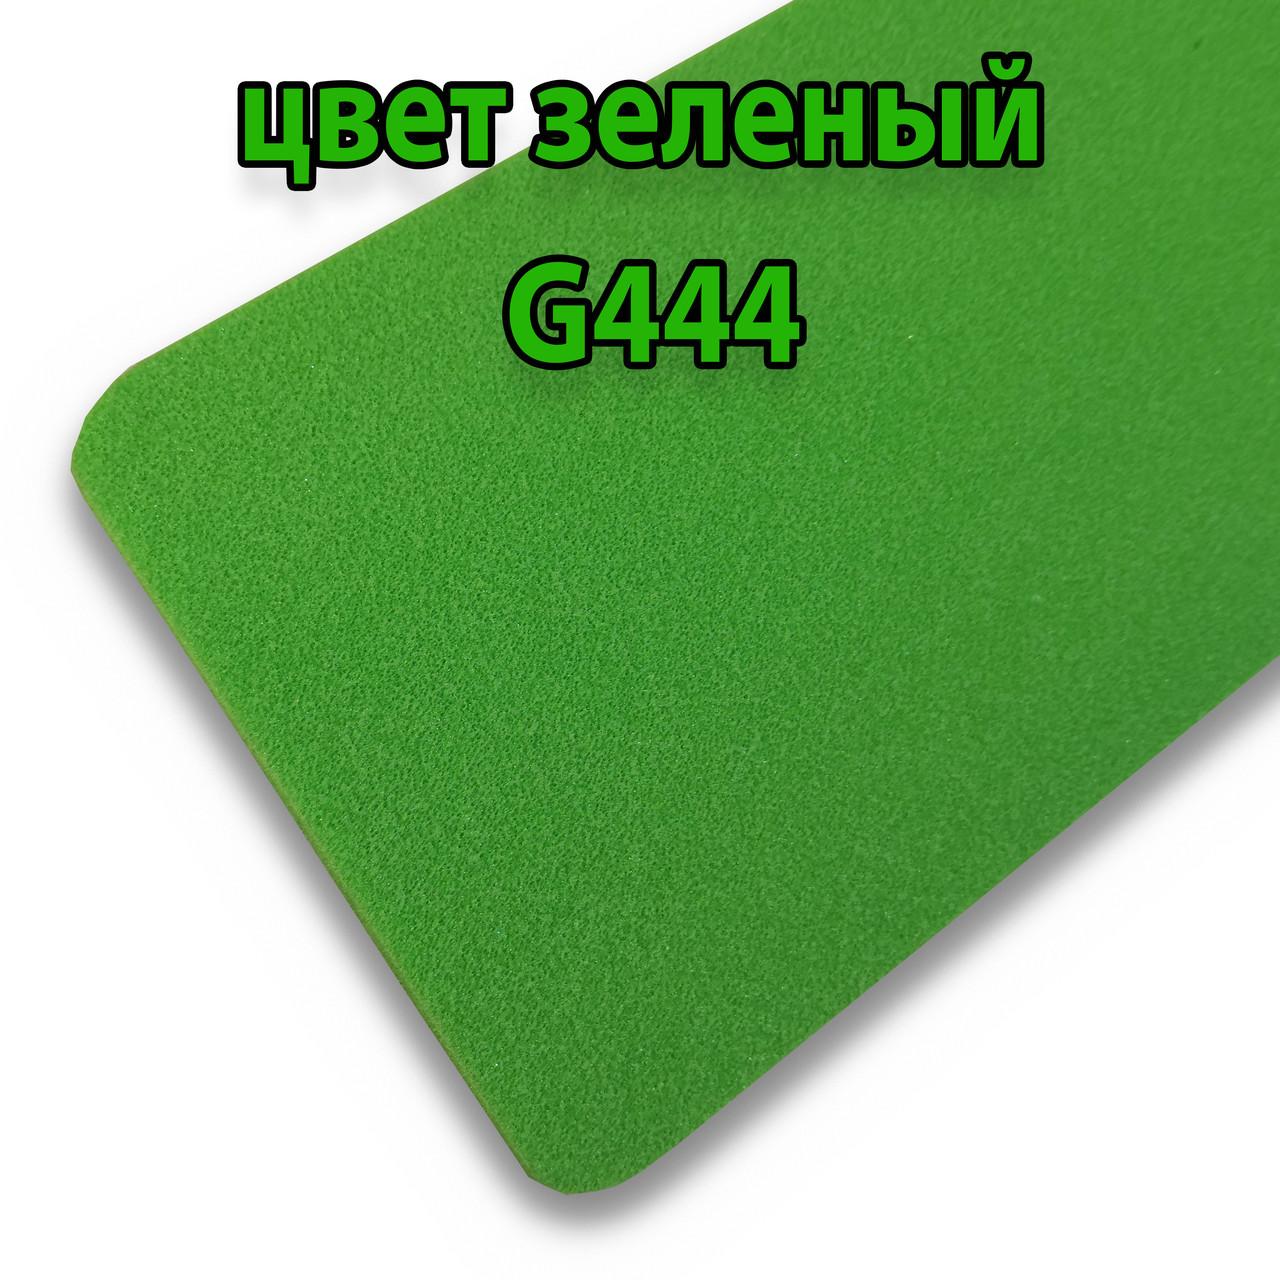 Изолон цветной, 2 мм зеленый